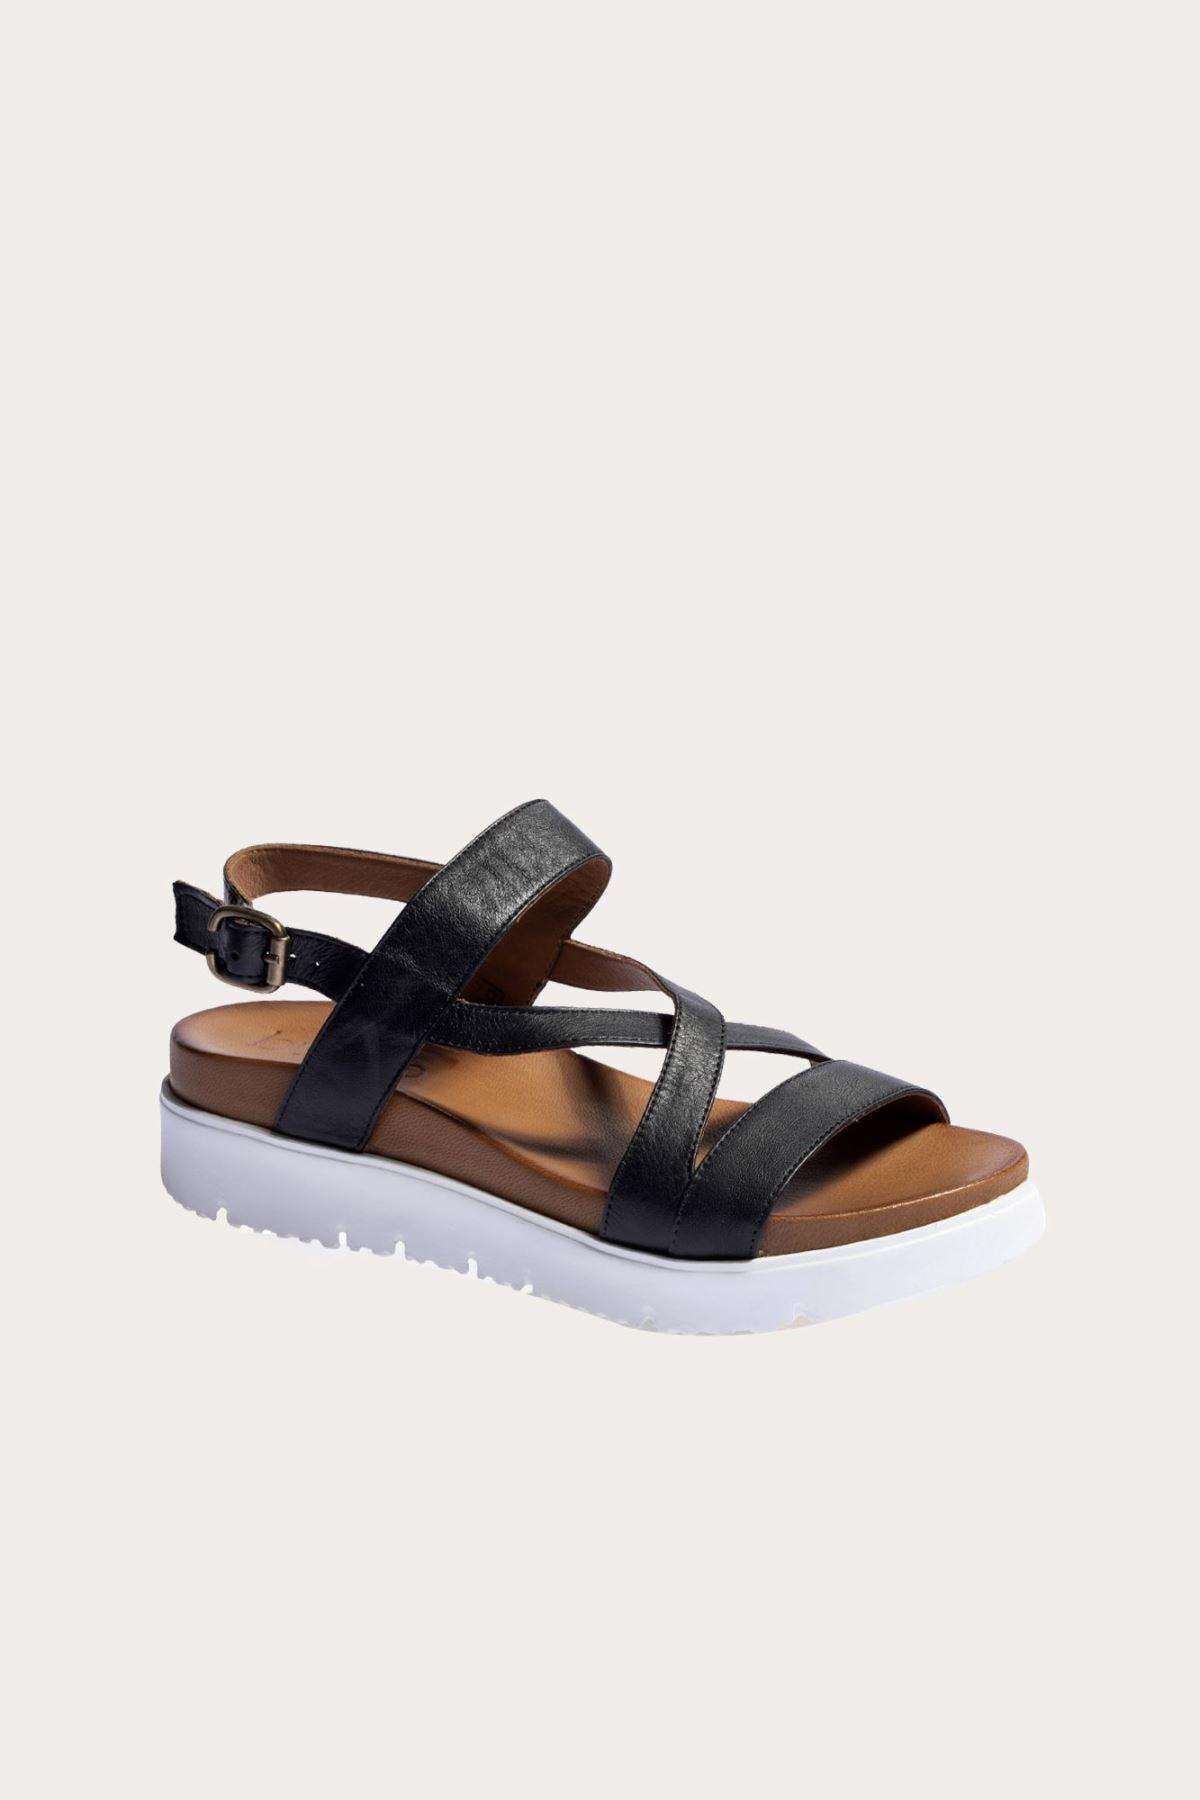 Bueno Shoes Siyah Deri Kadın Düz Sandalet 2